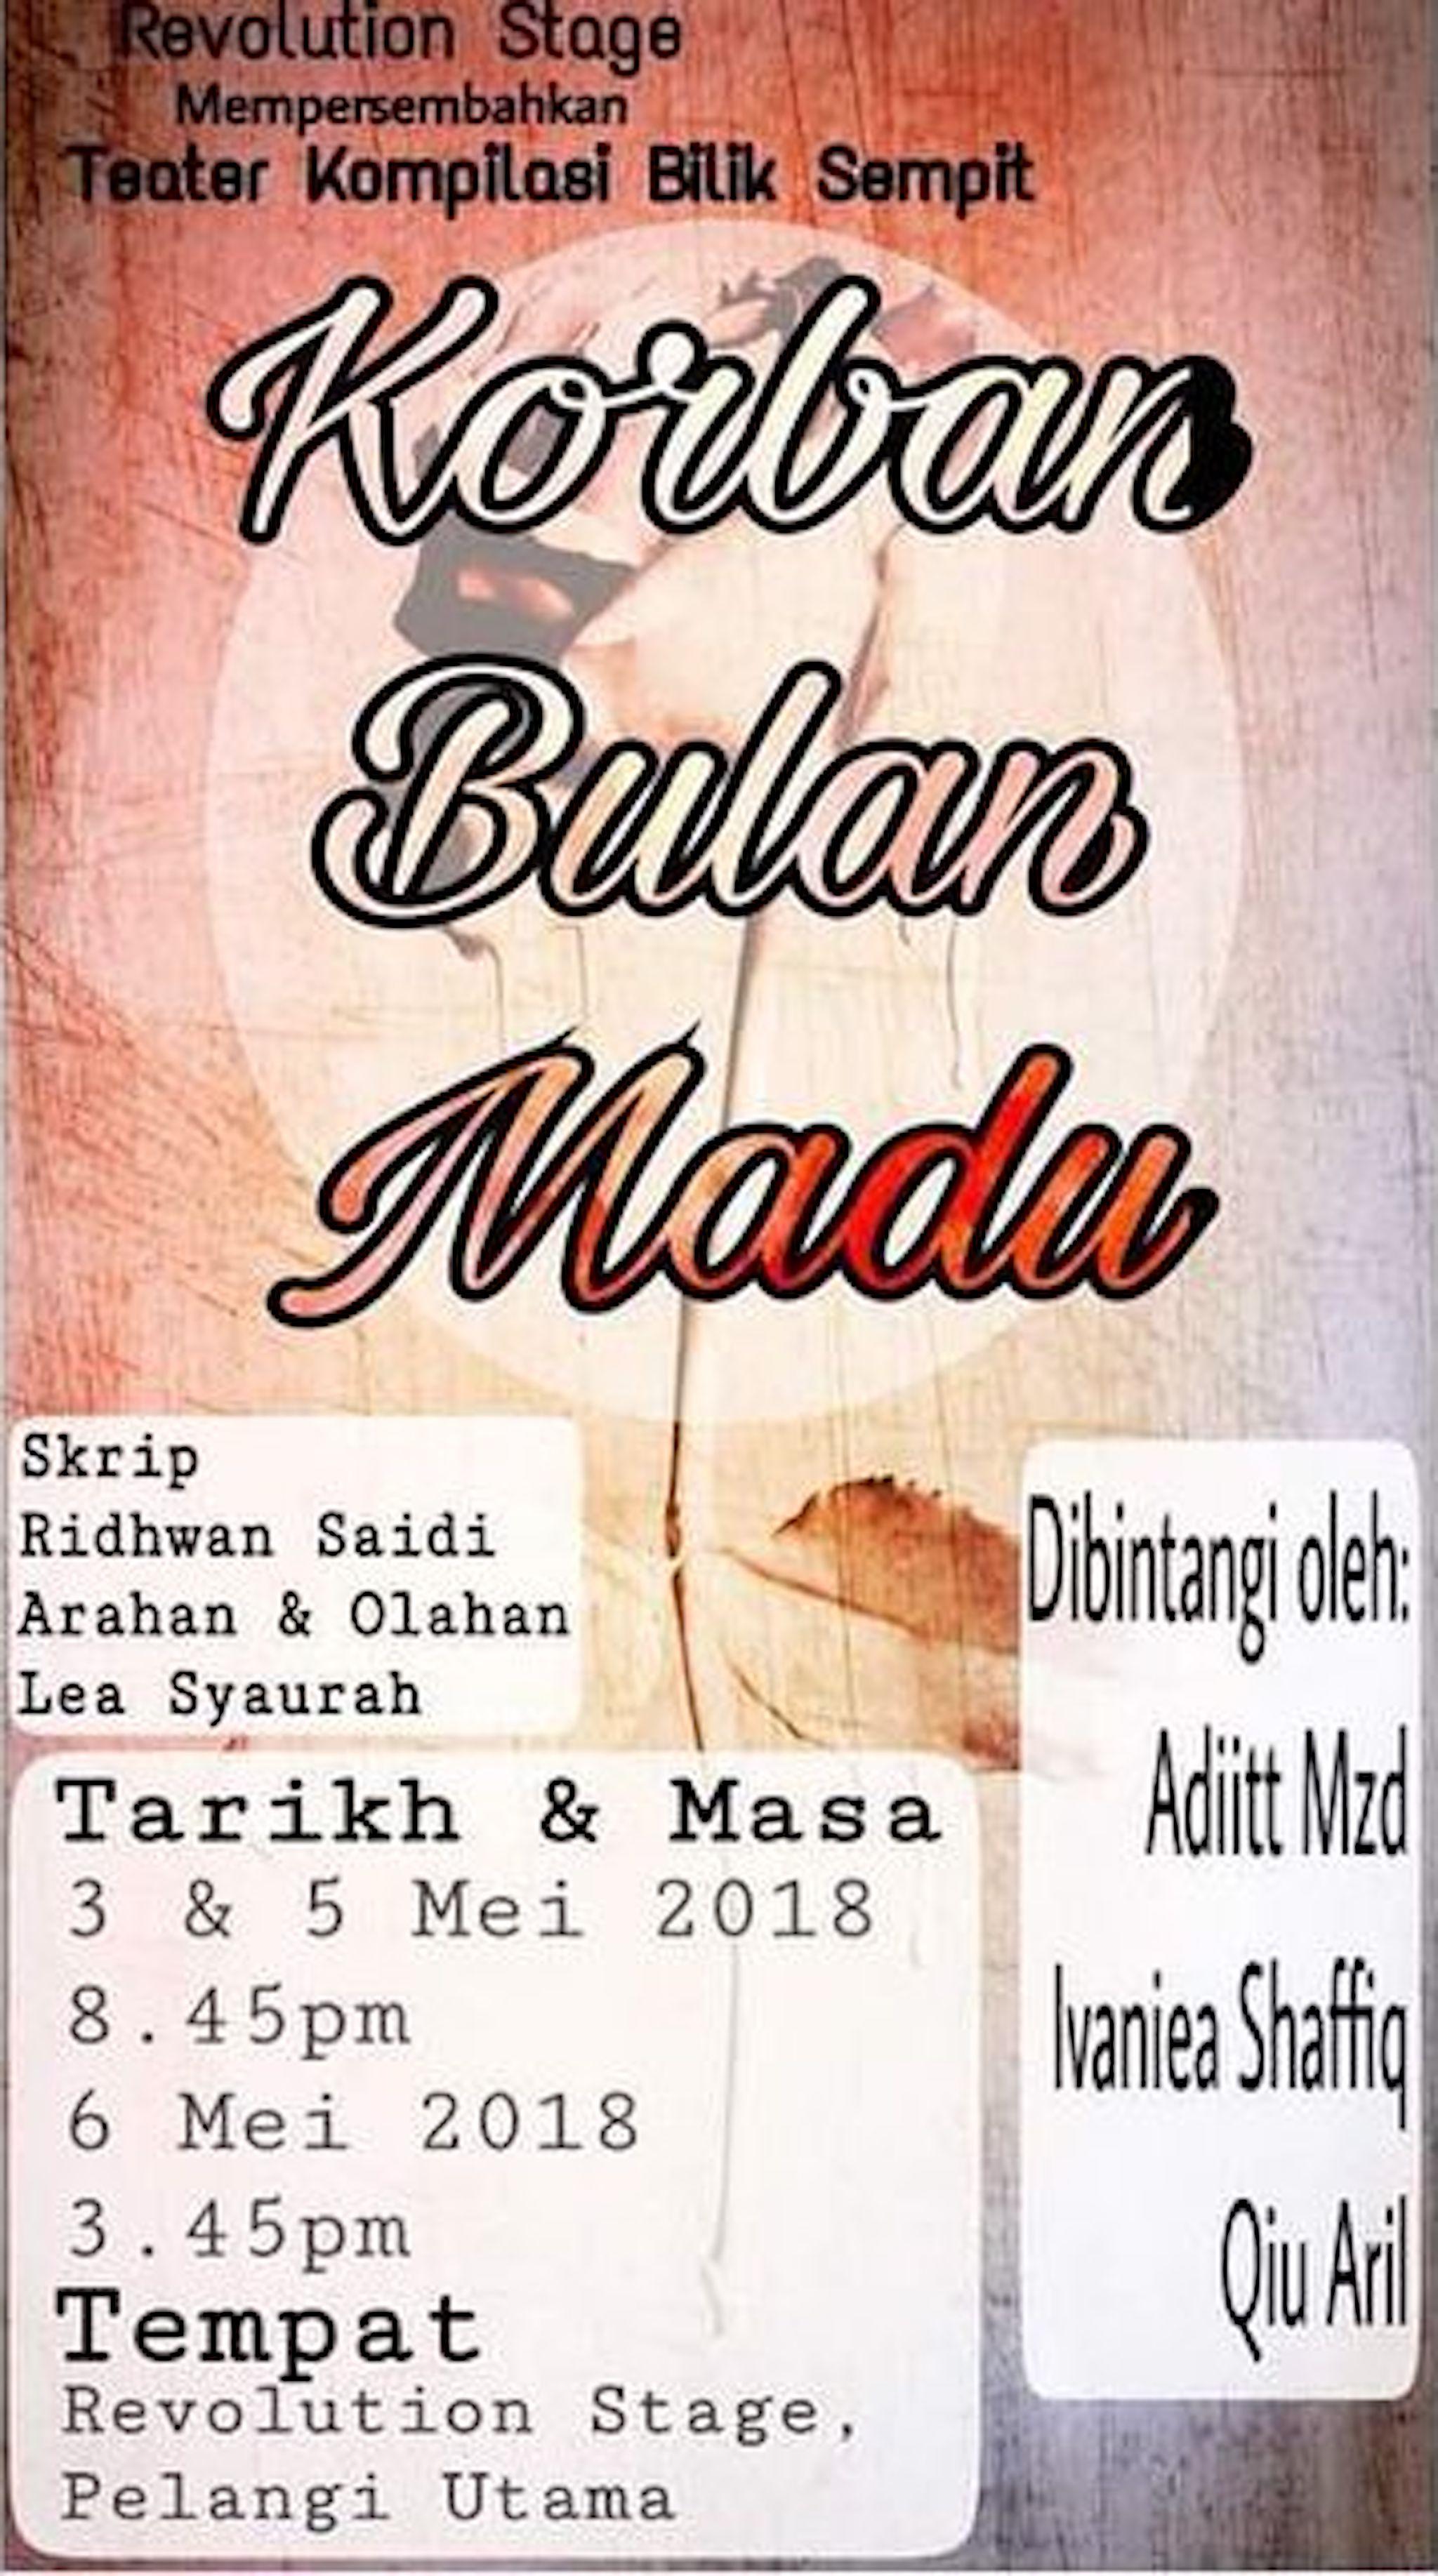 2018 Teater Kompilasi Bilik Sempit Korban Bulan Madu cover